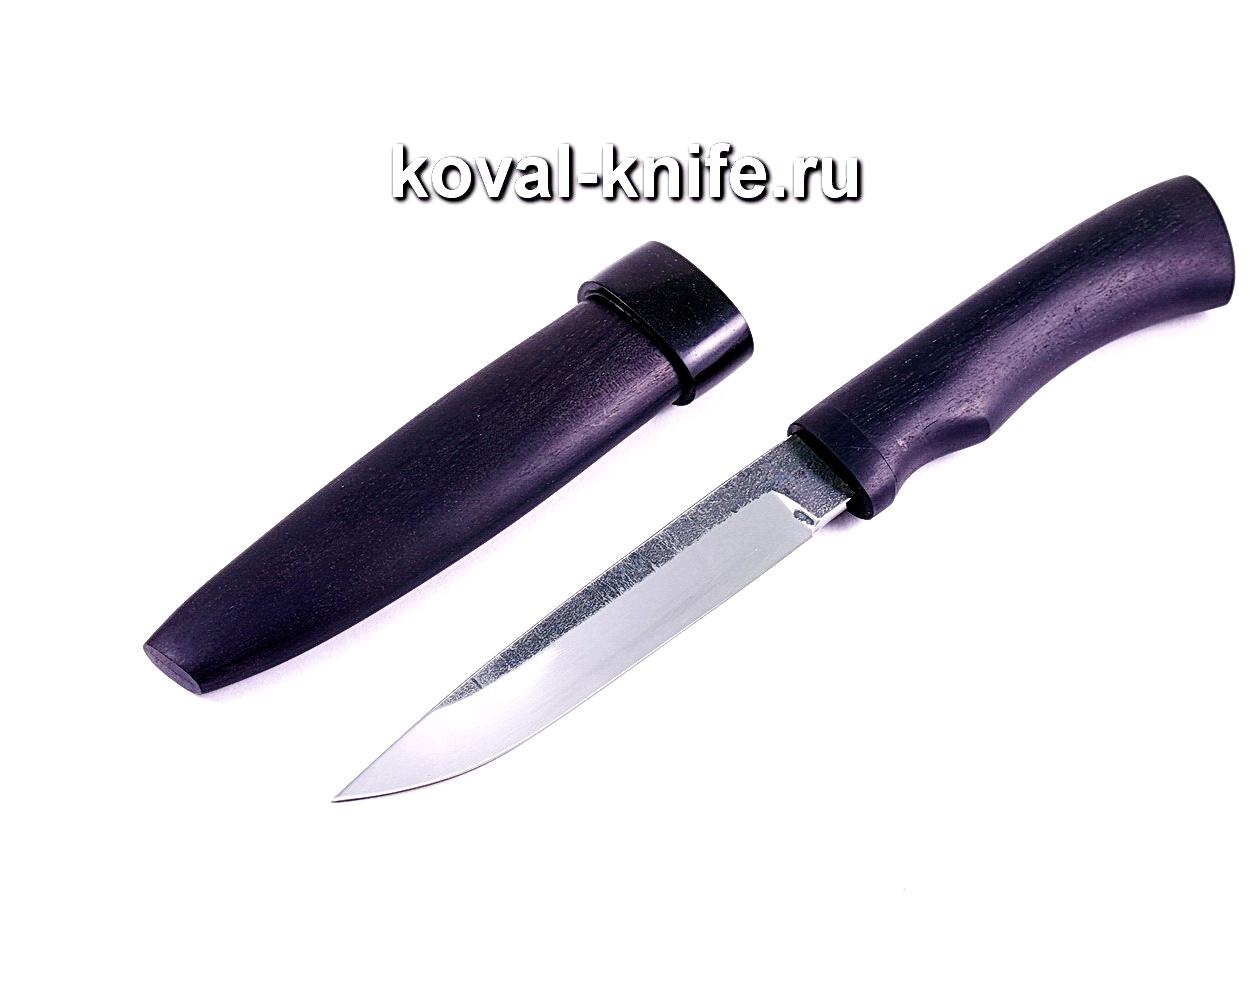 Нож Турист (сталь 95х18), рукоять и ножны граб A019